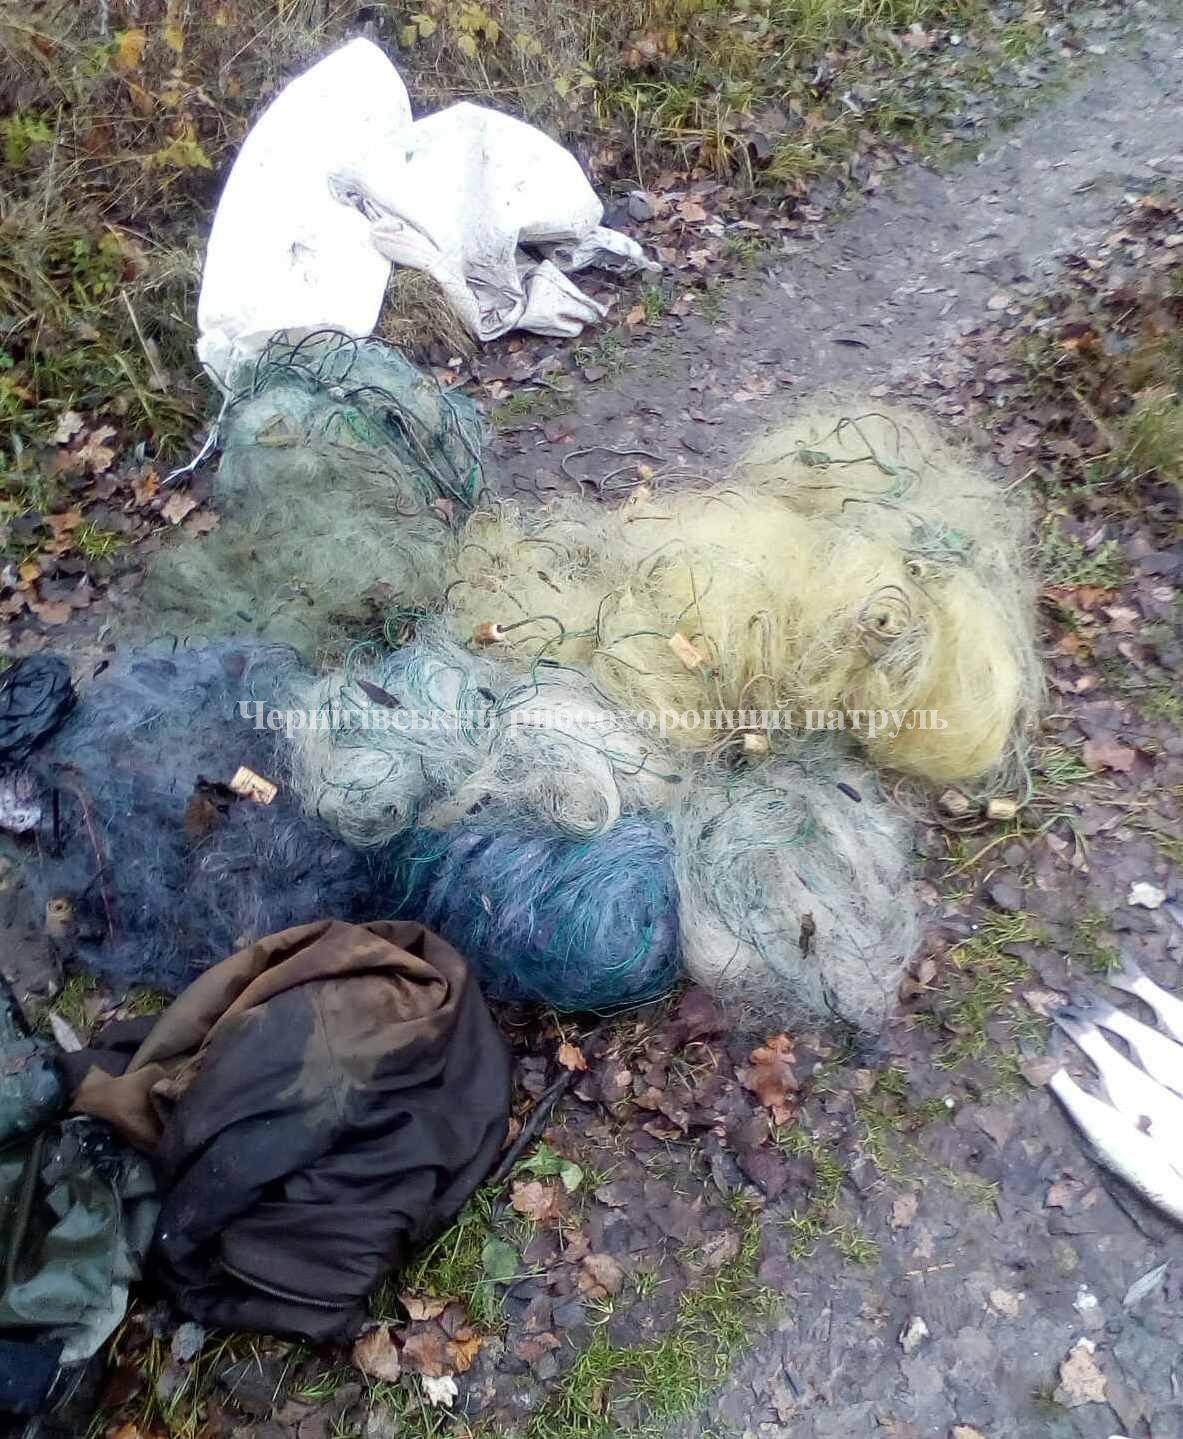 Чернігівським рибоохоронним патрулем викрито браконьєрів із 11 кг добутої риби (Фото)